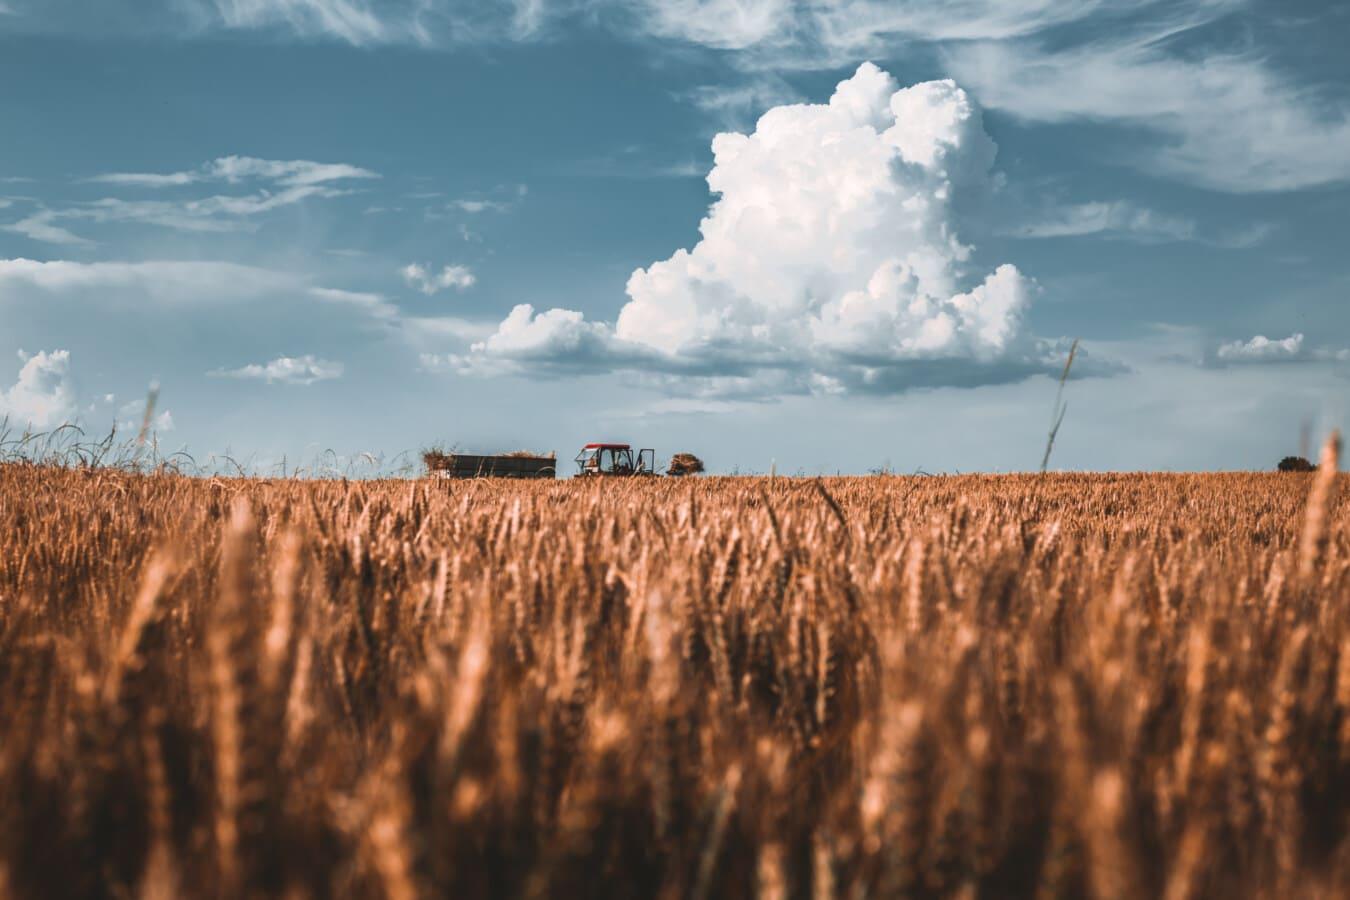 champ de blé, blé, l'été, harvest, tracteur, atmosphère, paysage, céréale, domaine, rural